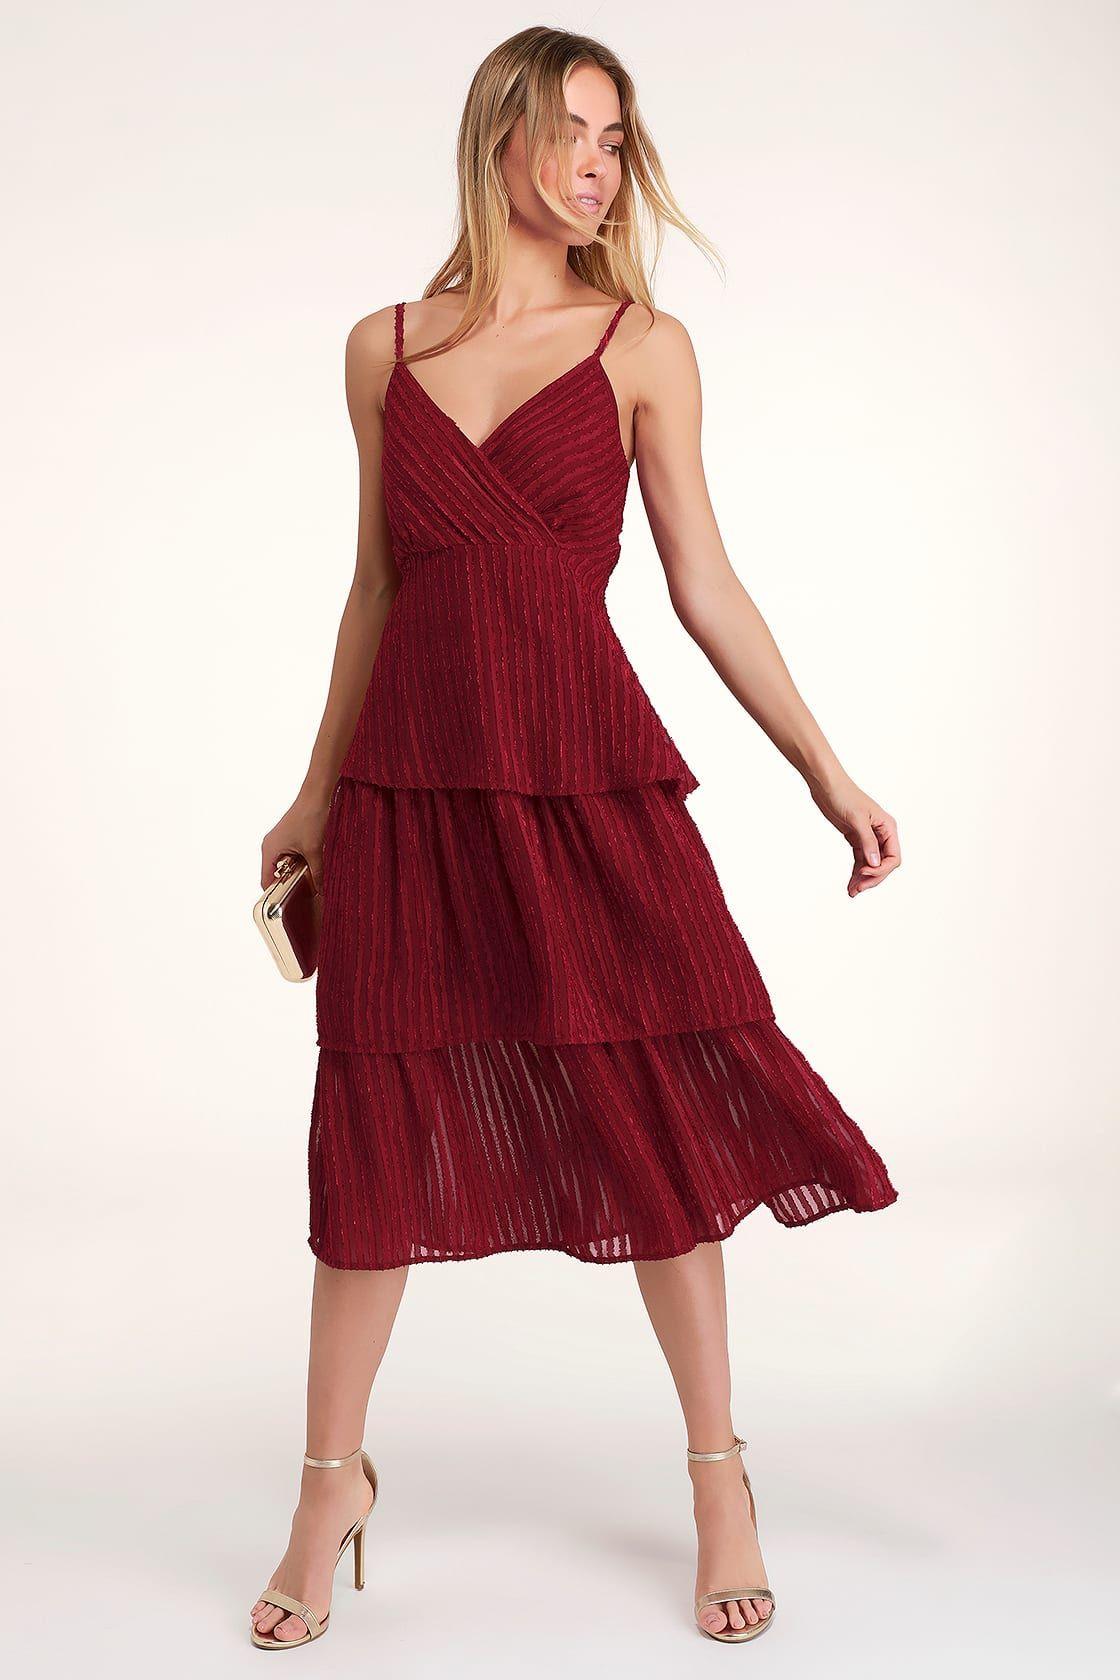 Caruso Midi Dress Wine Dresses Midi Dress Wine Dress [ 1350 x 1080 Pixel ]